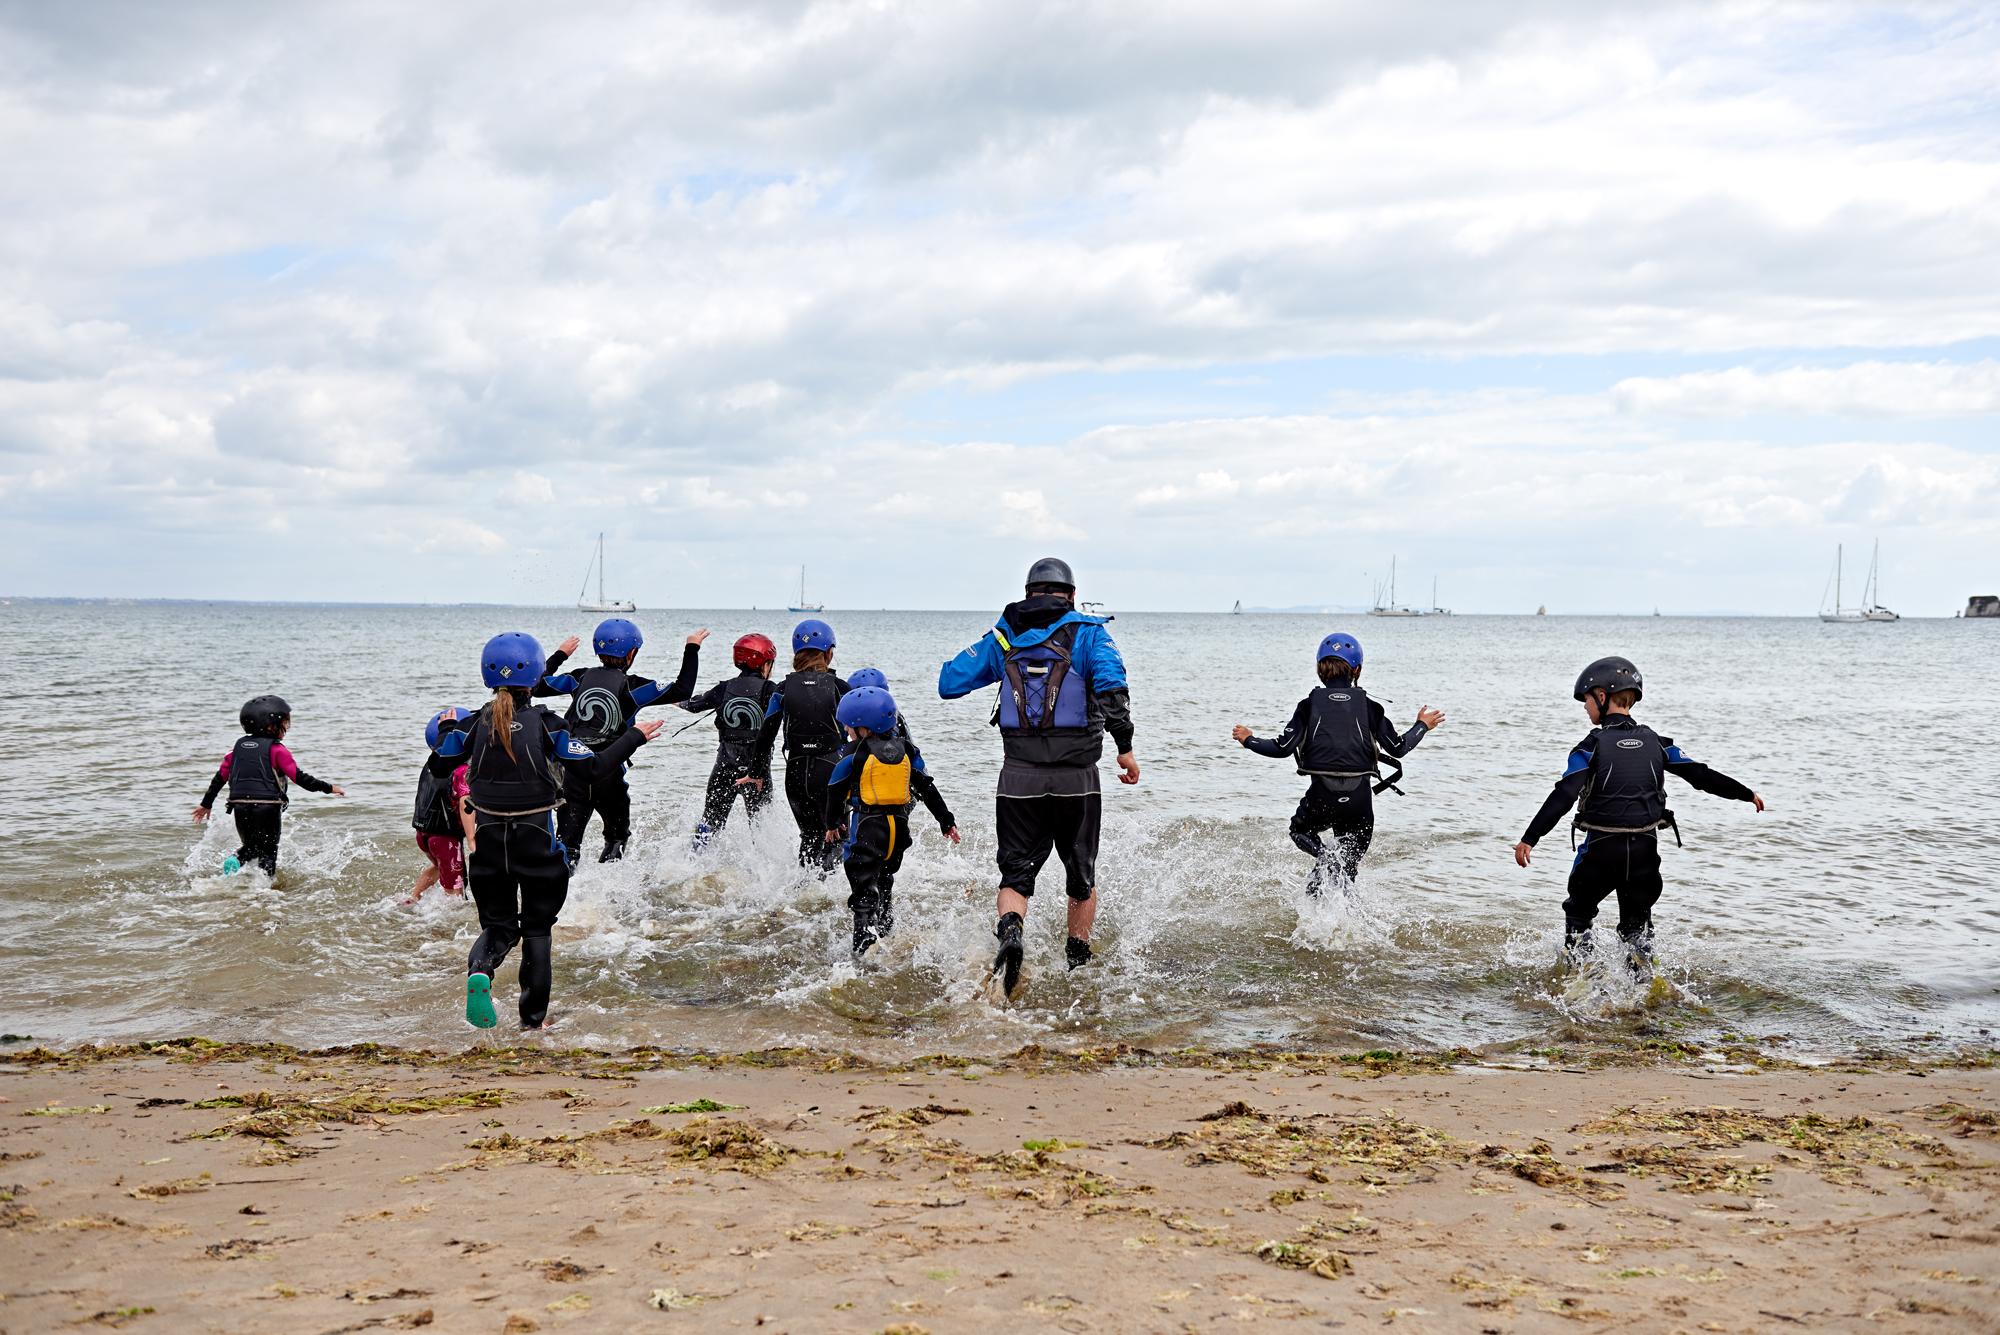 children adventure days in dorset